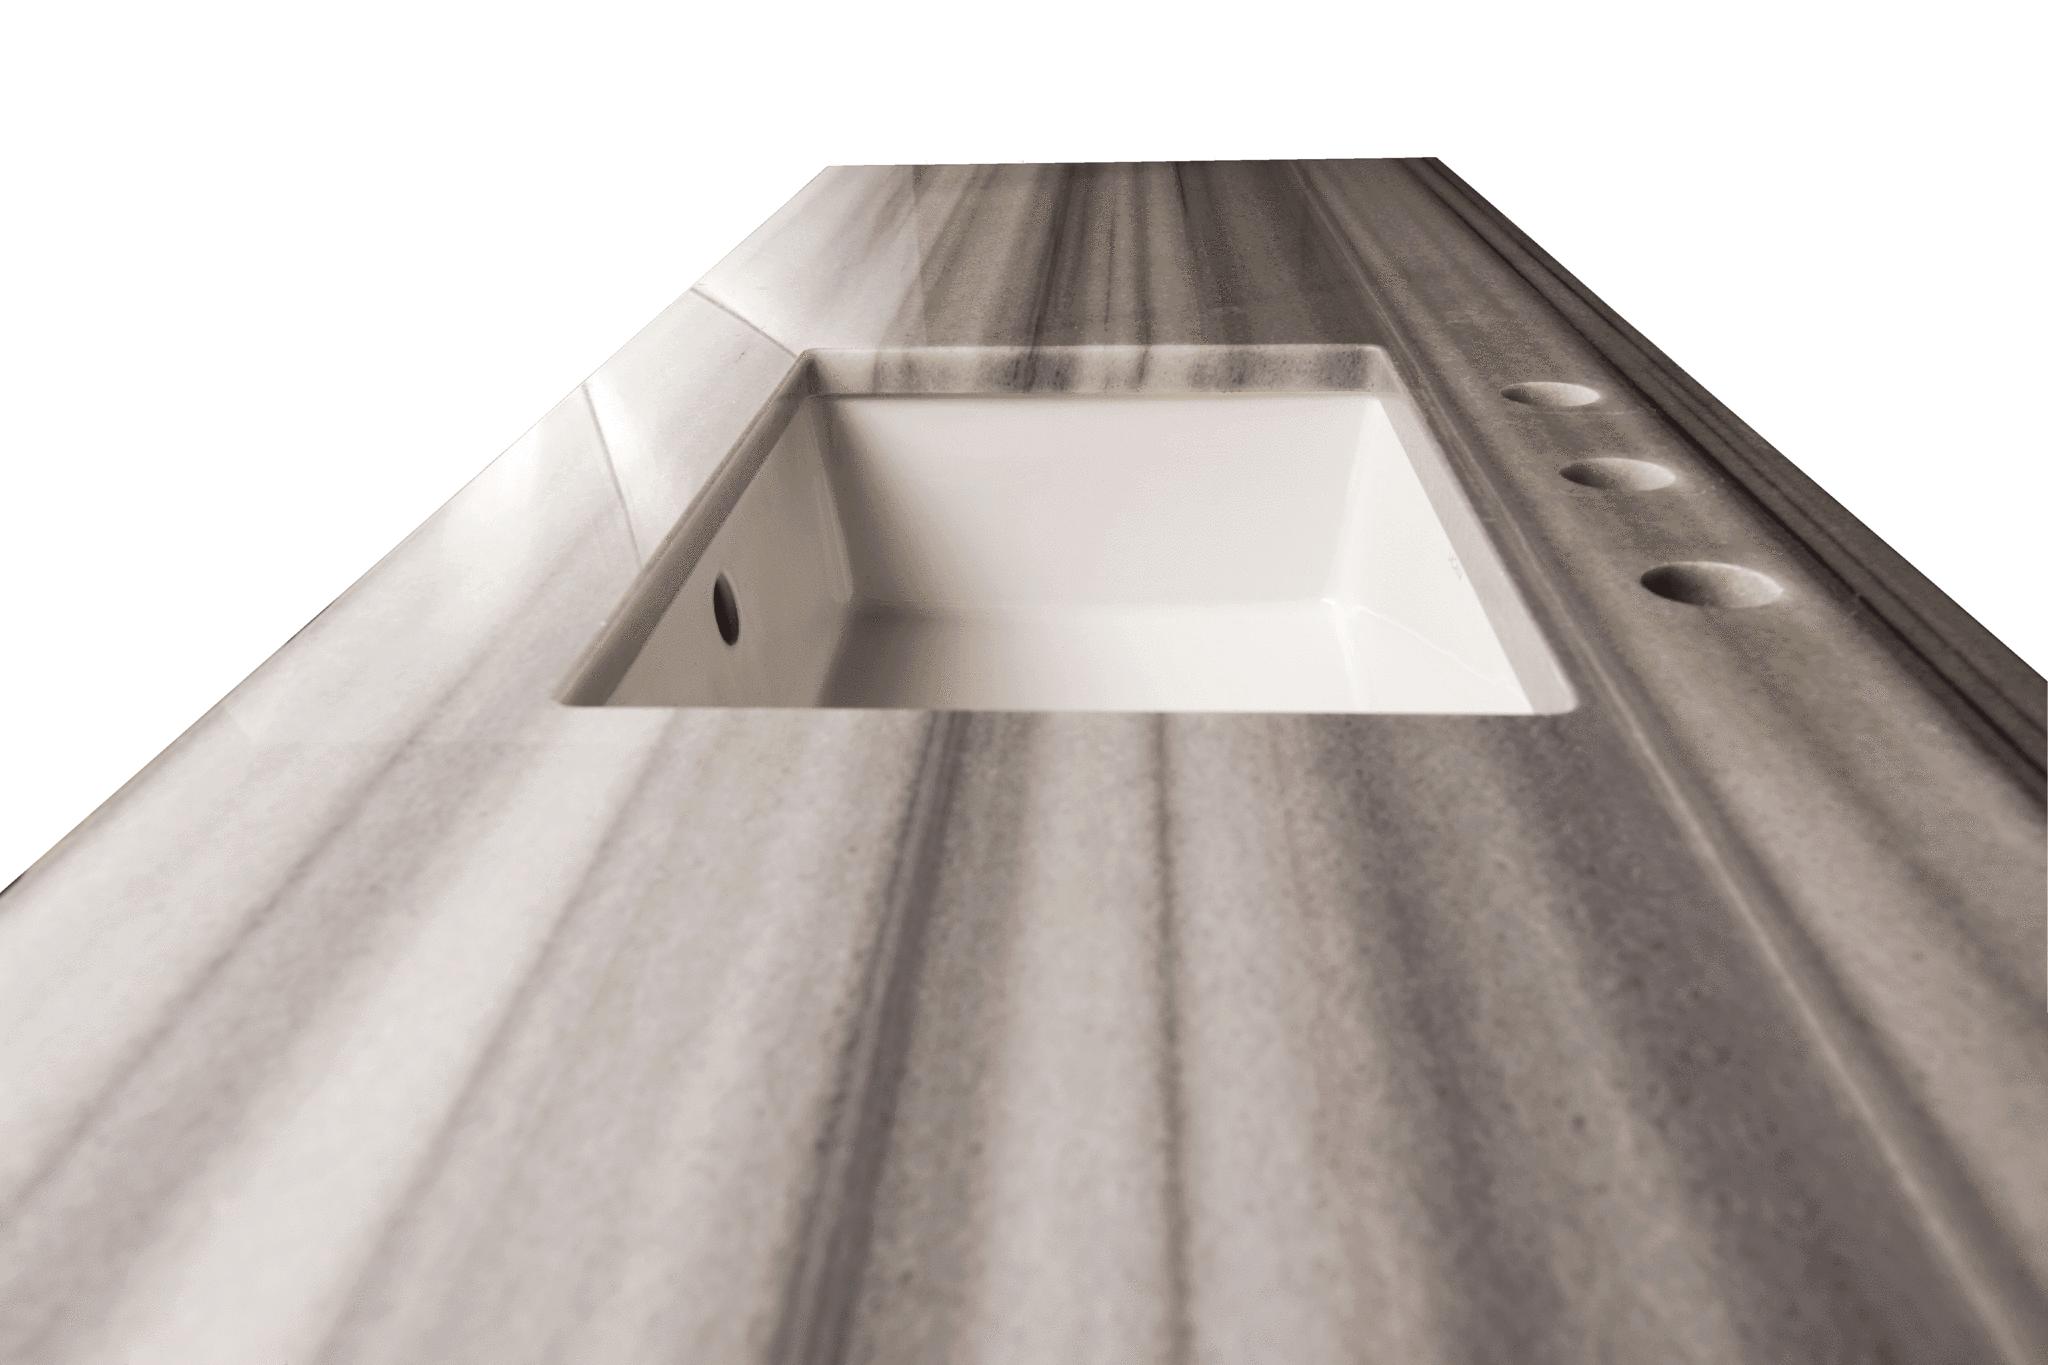 Tagliare Marmo Piano Cucina gmm litox 38s cod. 07-18 bridge saw cnc – polimacchine